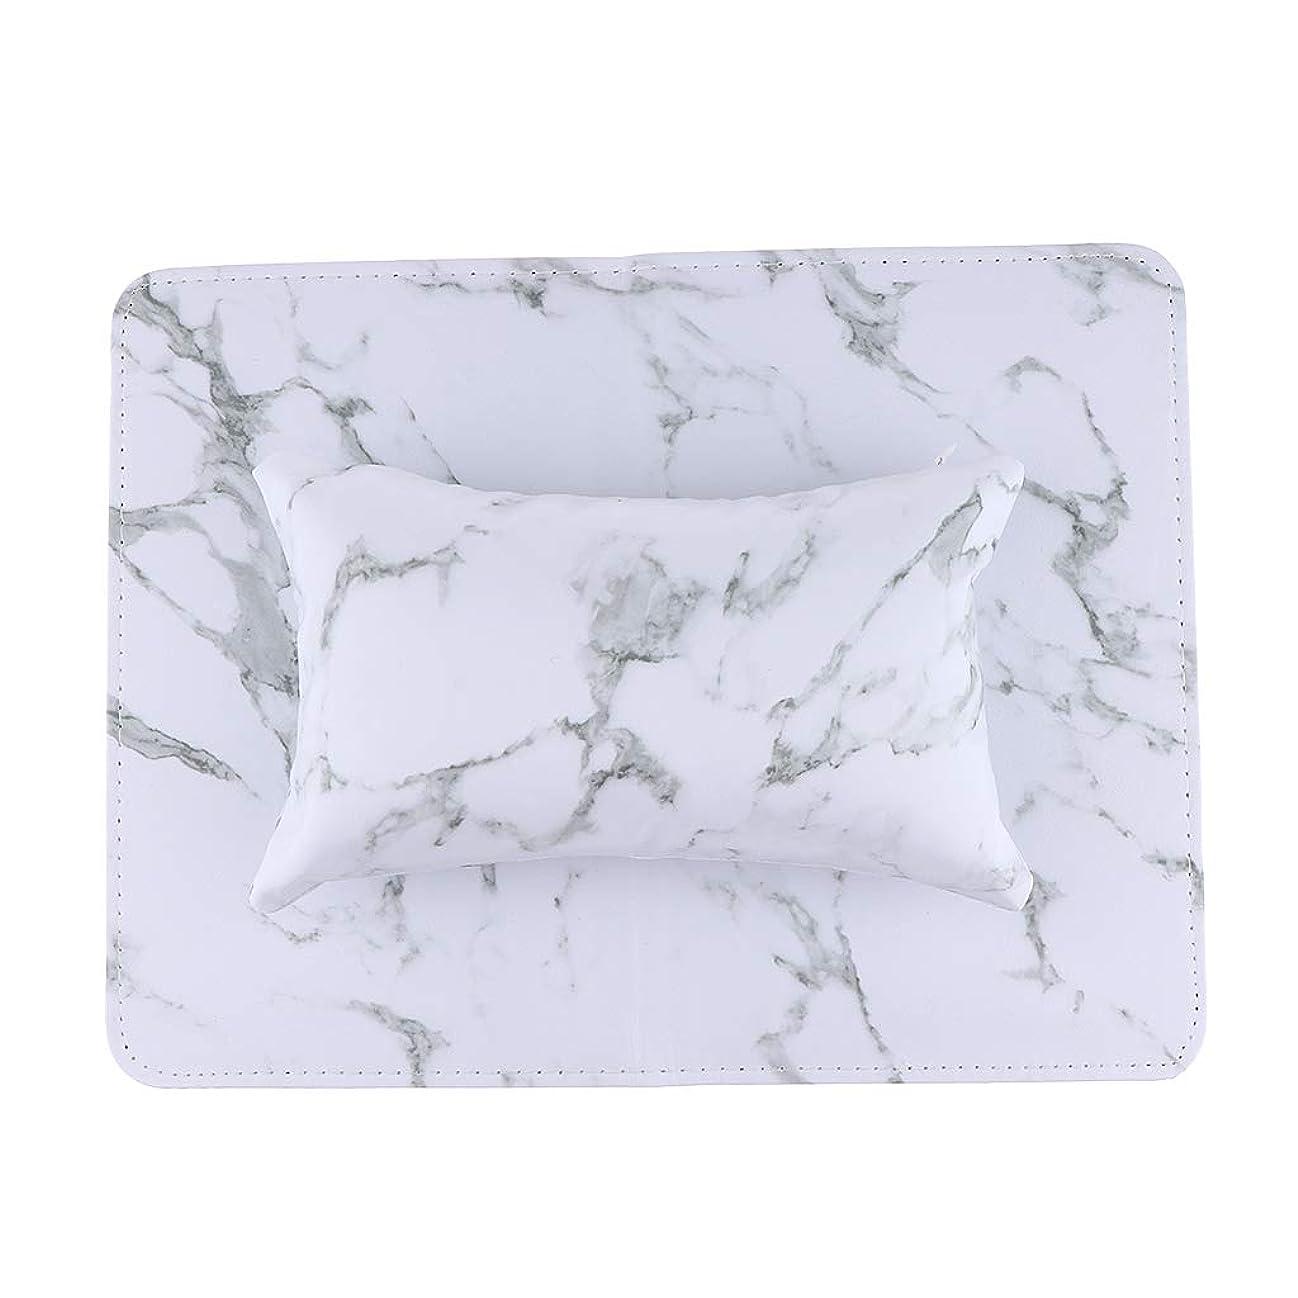 アトミックヘビー真珠のようなPUクッション ピロー マット ネイルアート ハンド/アームレスト マニキュアツール 全5色 - 白